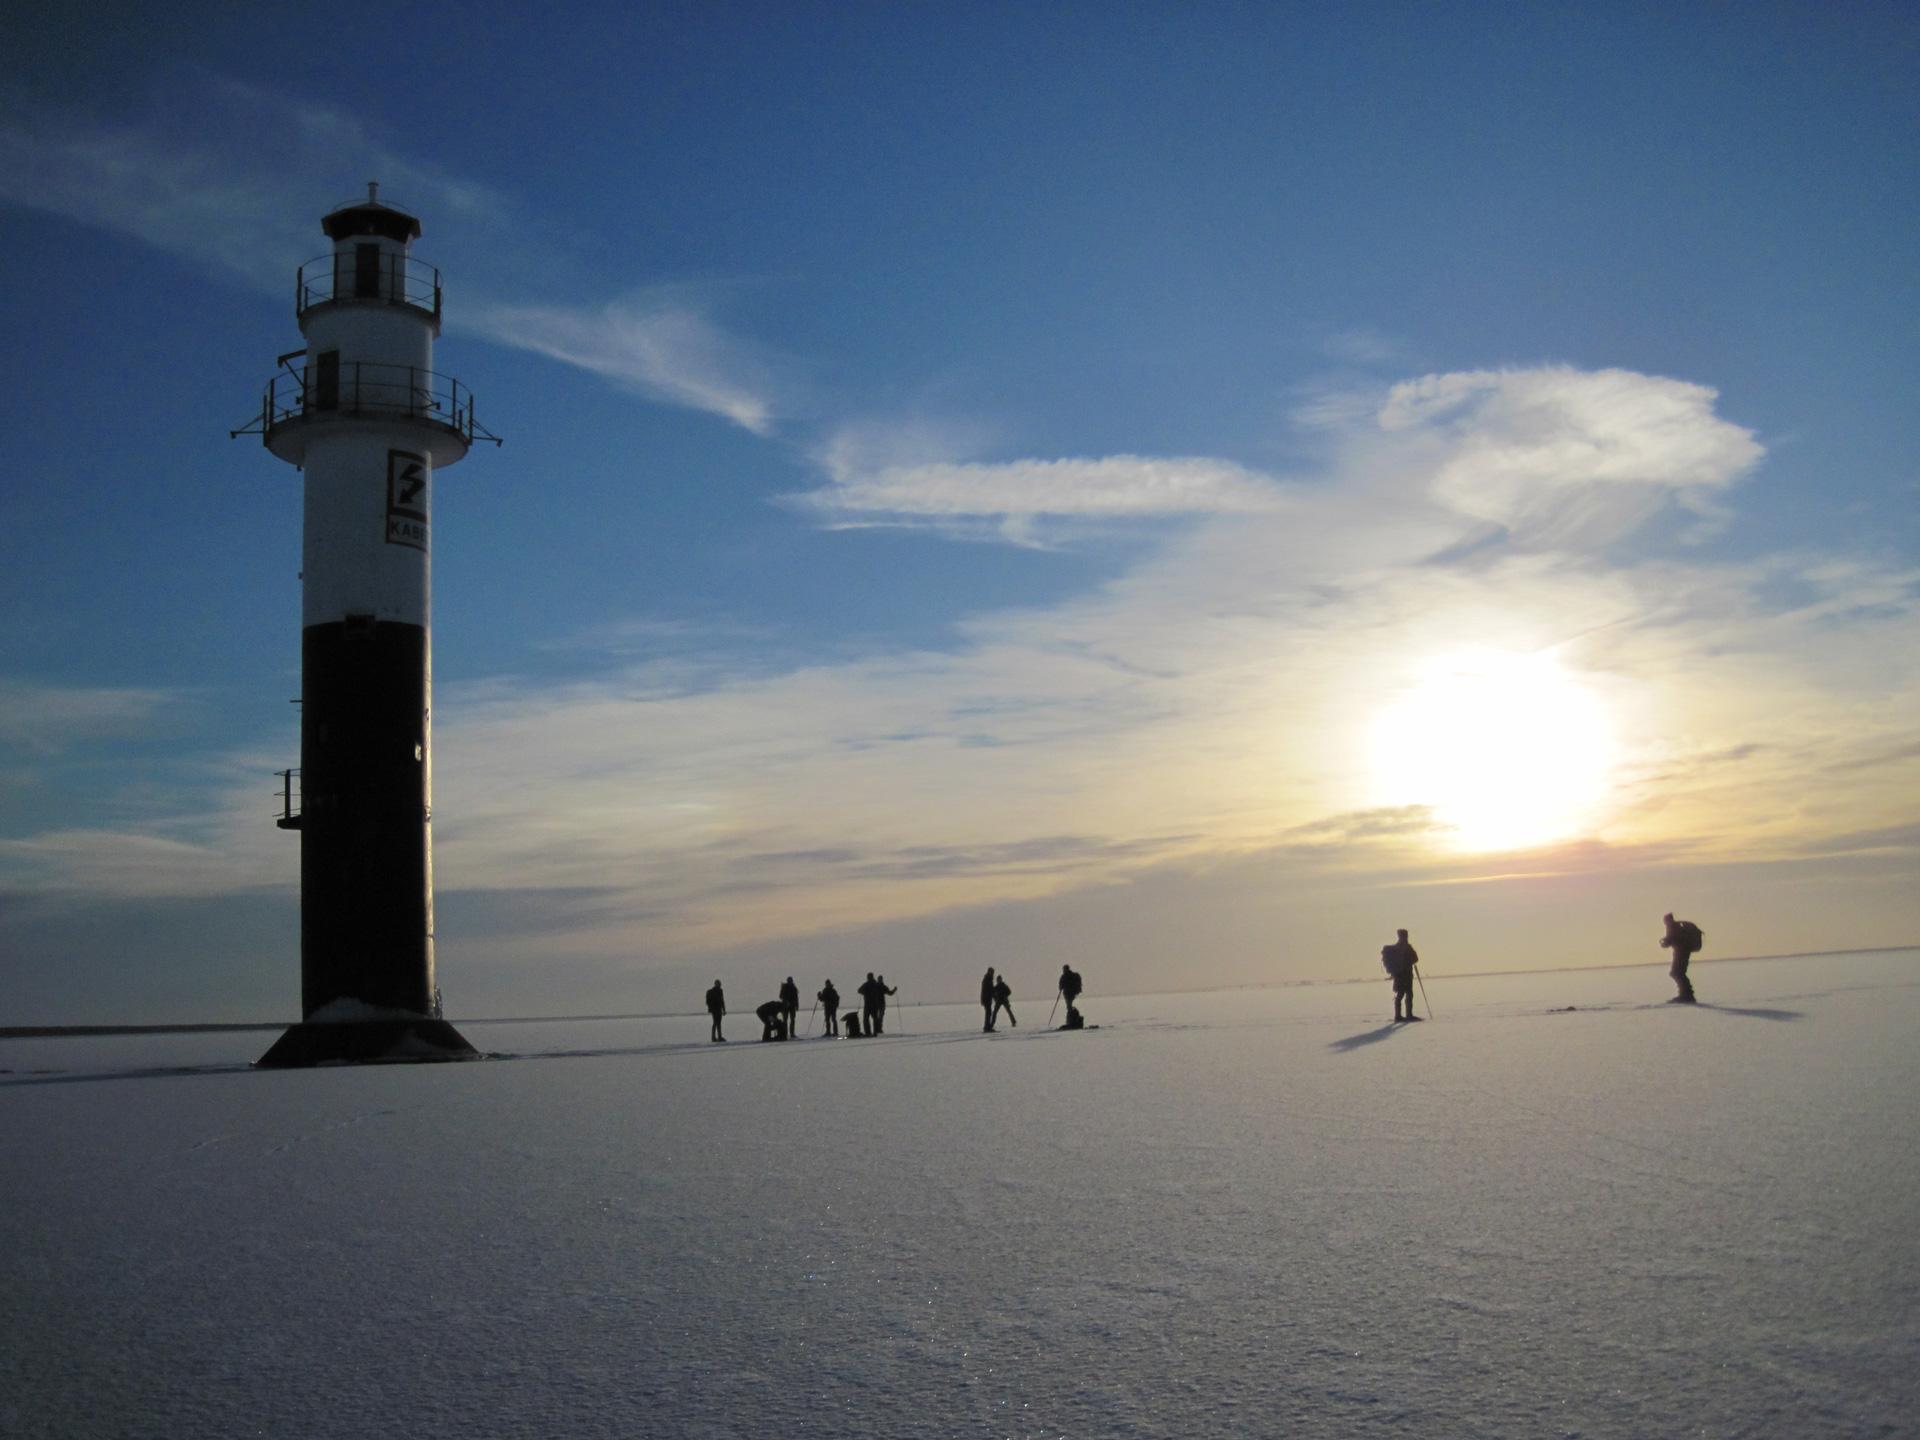 Vuurtoren Kalmarsund oostzee Zweden